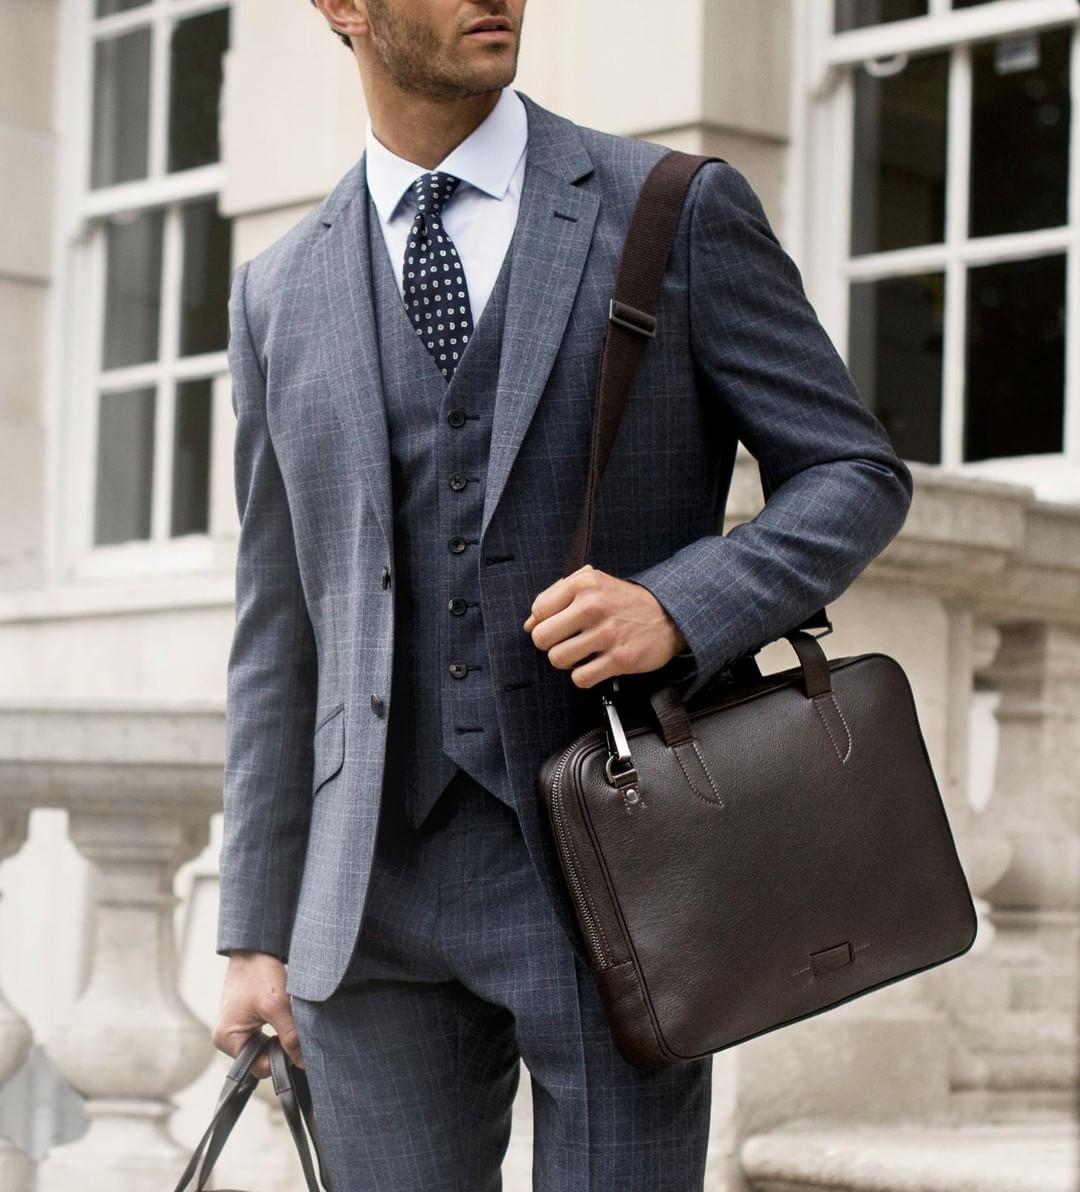 Dành cho những chàng trai ưa chuộng vẻ cổ điển là mẫu túi messenger cho vest hoạ tiết caro